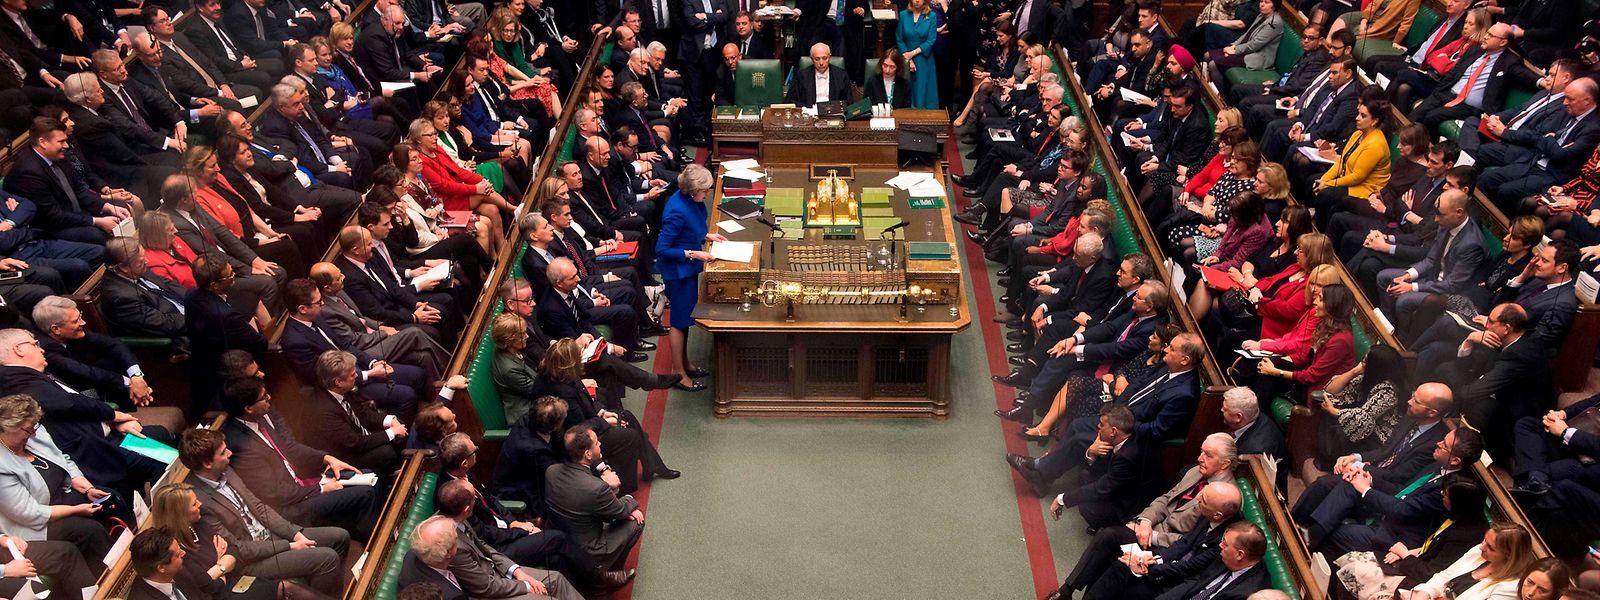 """Im Plenarsaal des """"House of Commons"""" in Westminster gibt es zahlreiche skurrile Bräuche - wie zum Beispiel den, dass es nicht genügend Sitzplätze für alle Abgeordneten gibt."""